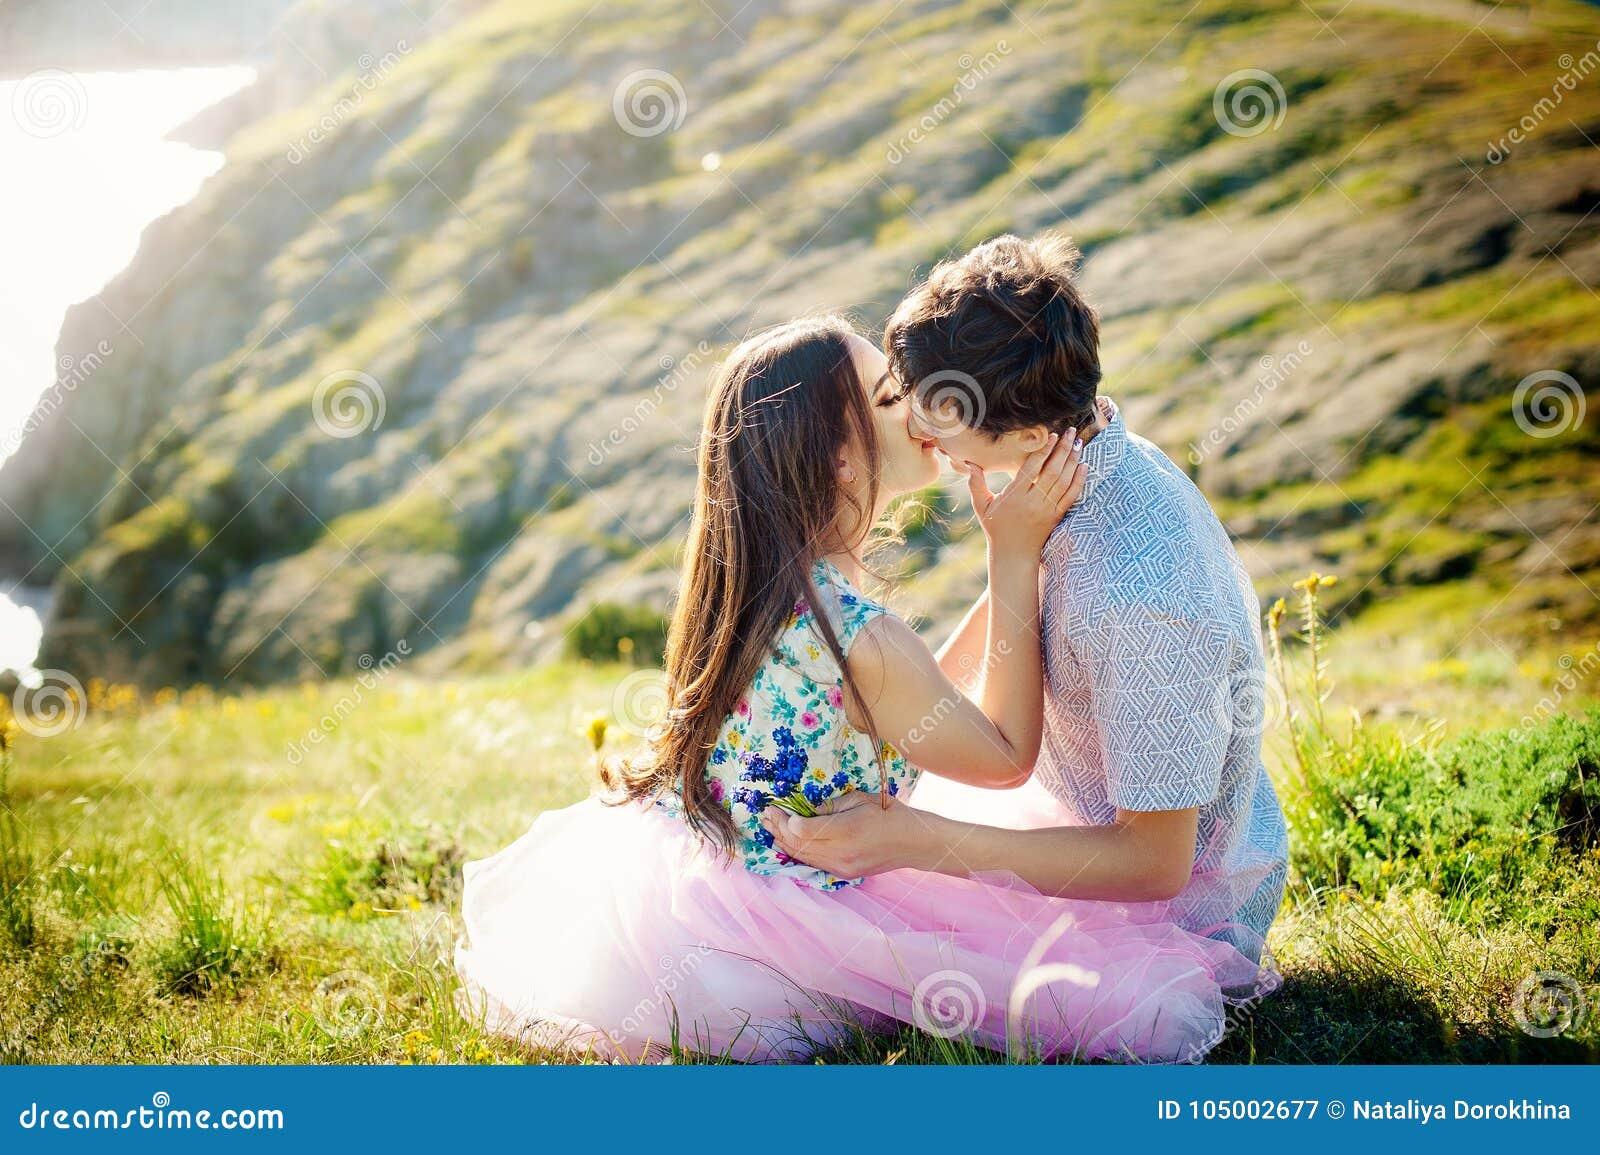 Sommerferienliebesbeziehung und Datierungskonzept - romantisches spielerisches Paar, das auf Seeufer flirtet